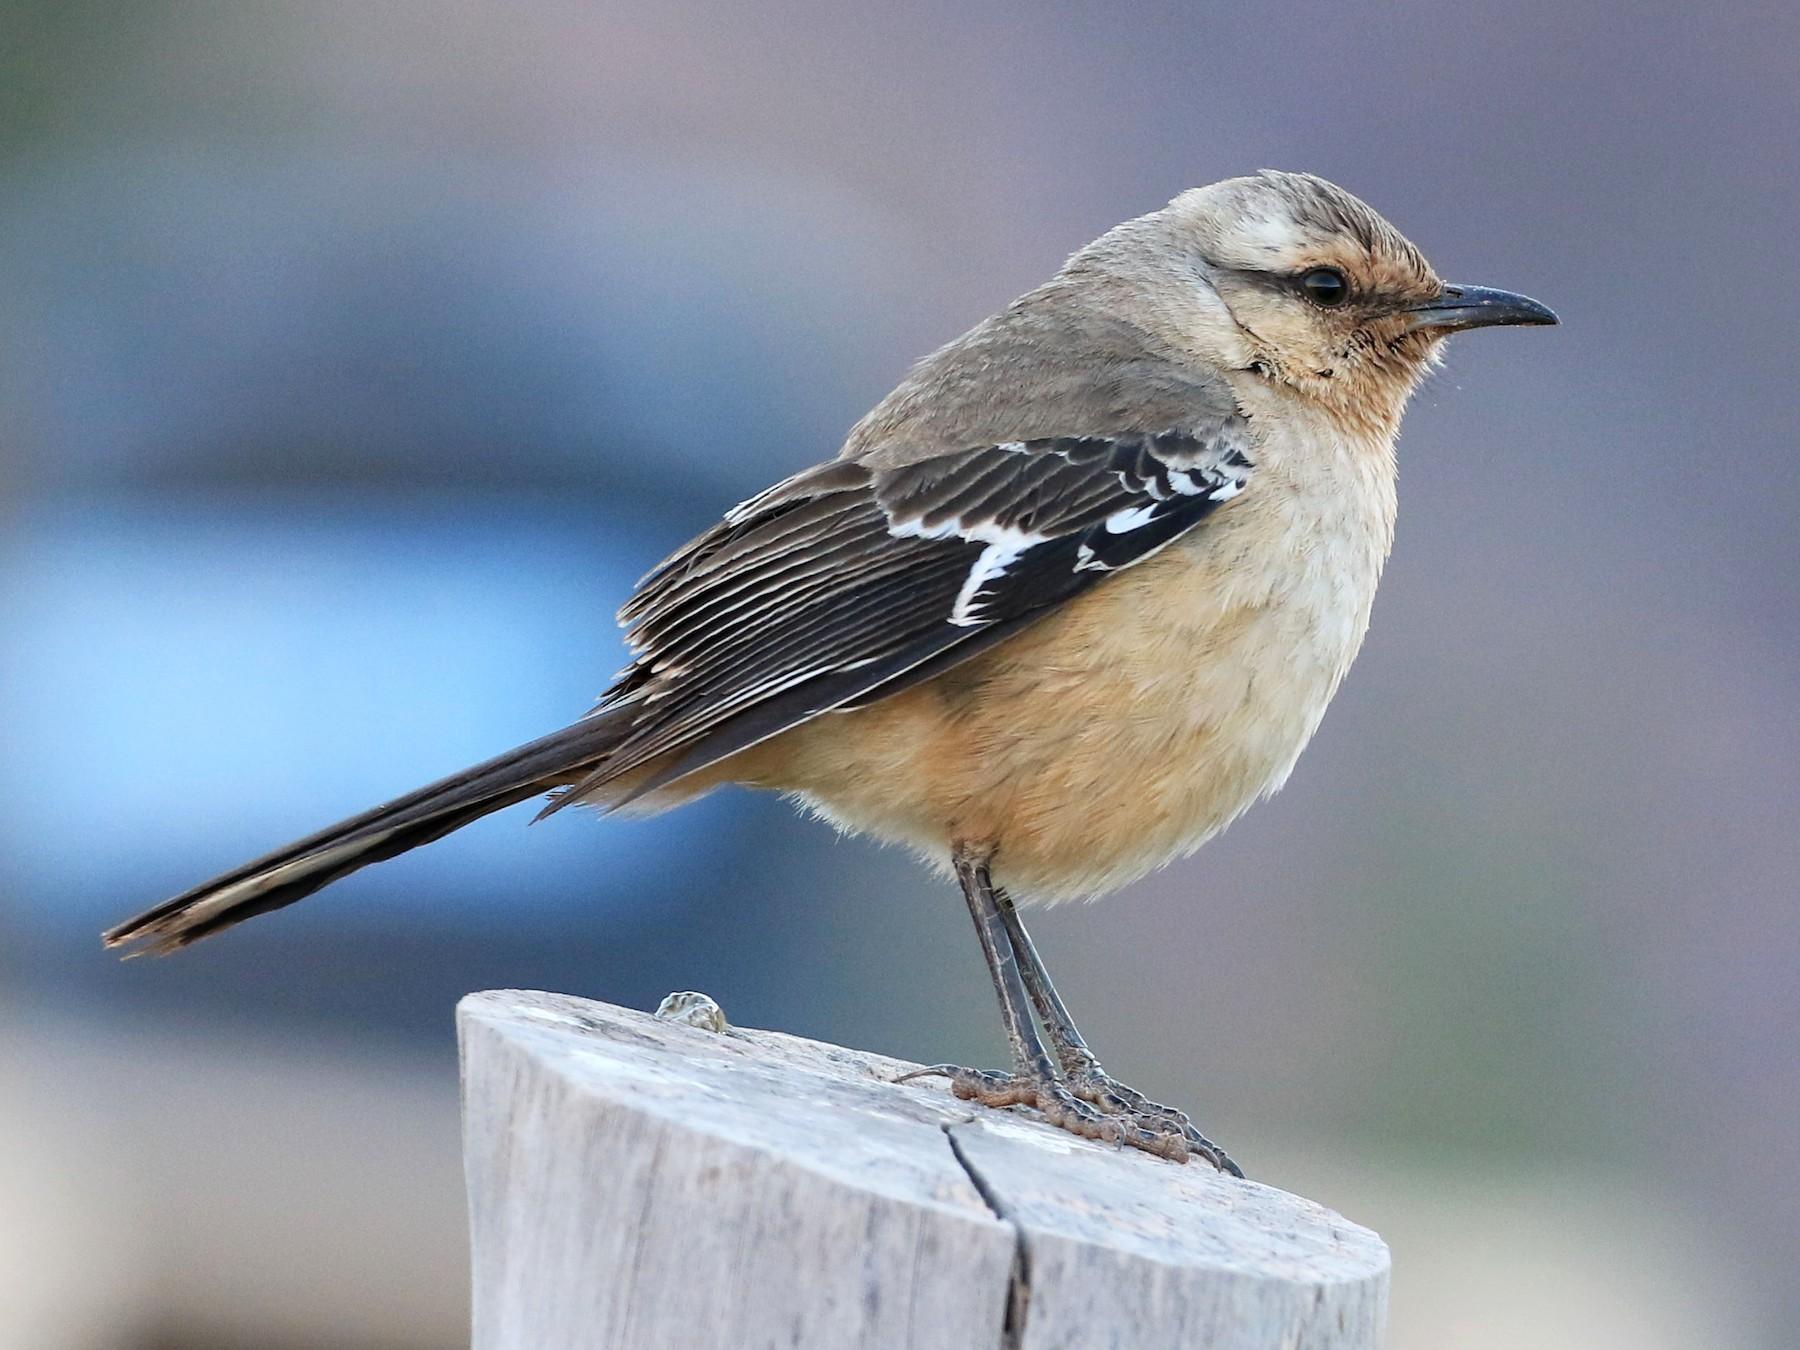 un oiseau Martin 06 Novembre trouvé par Martine 1800